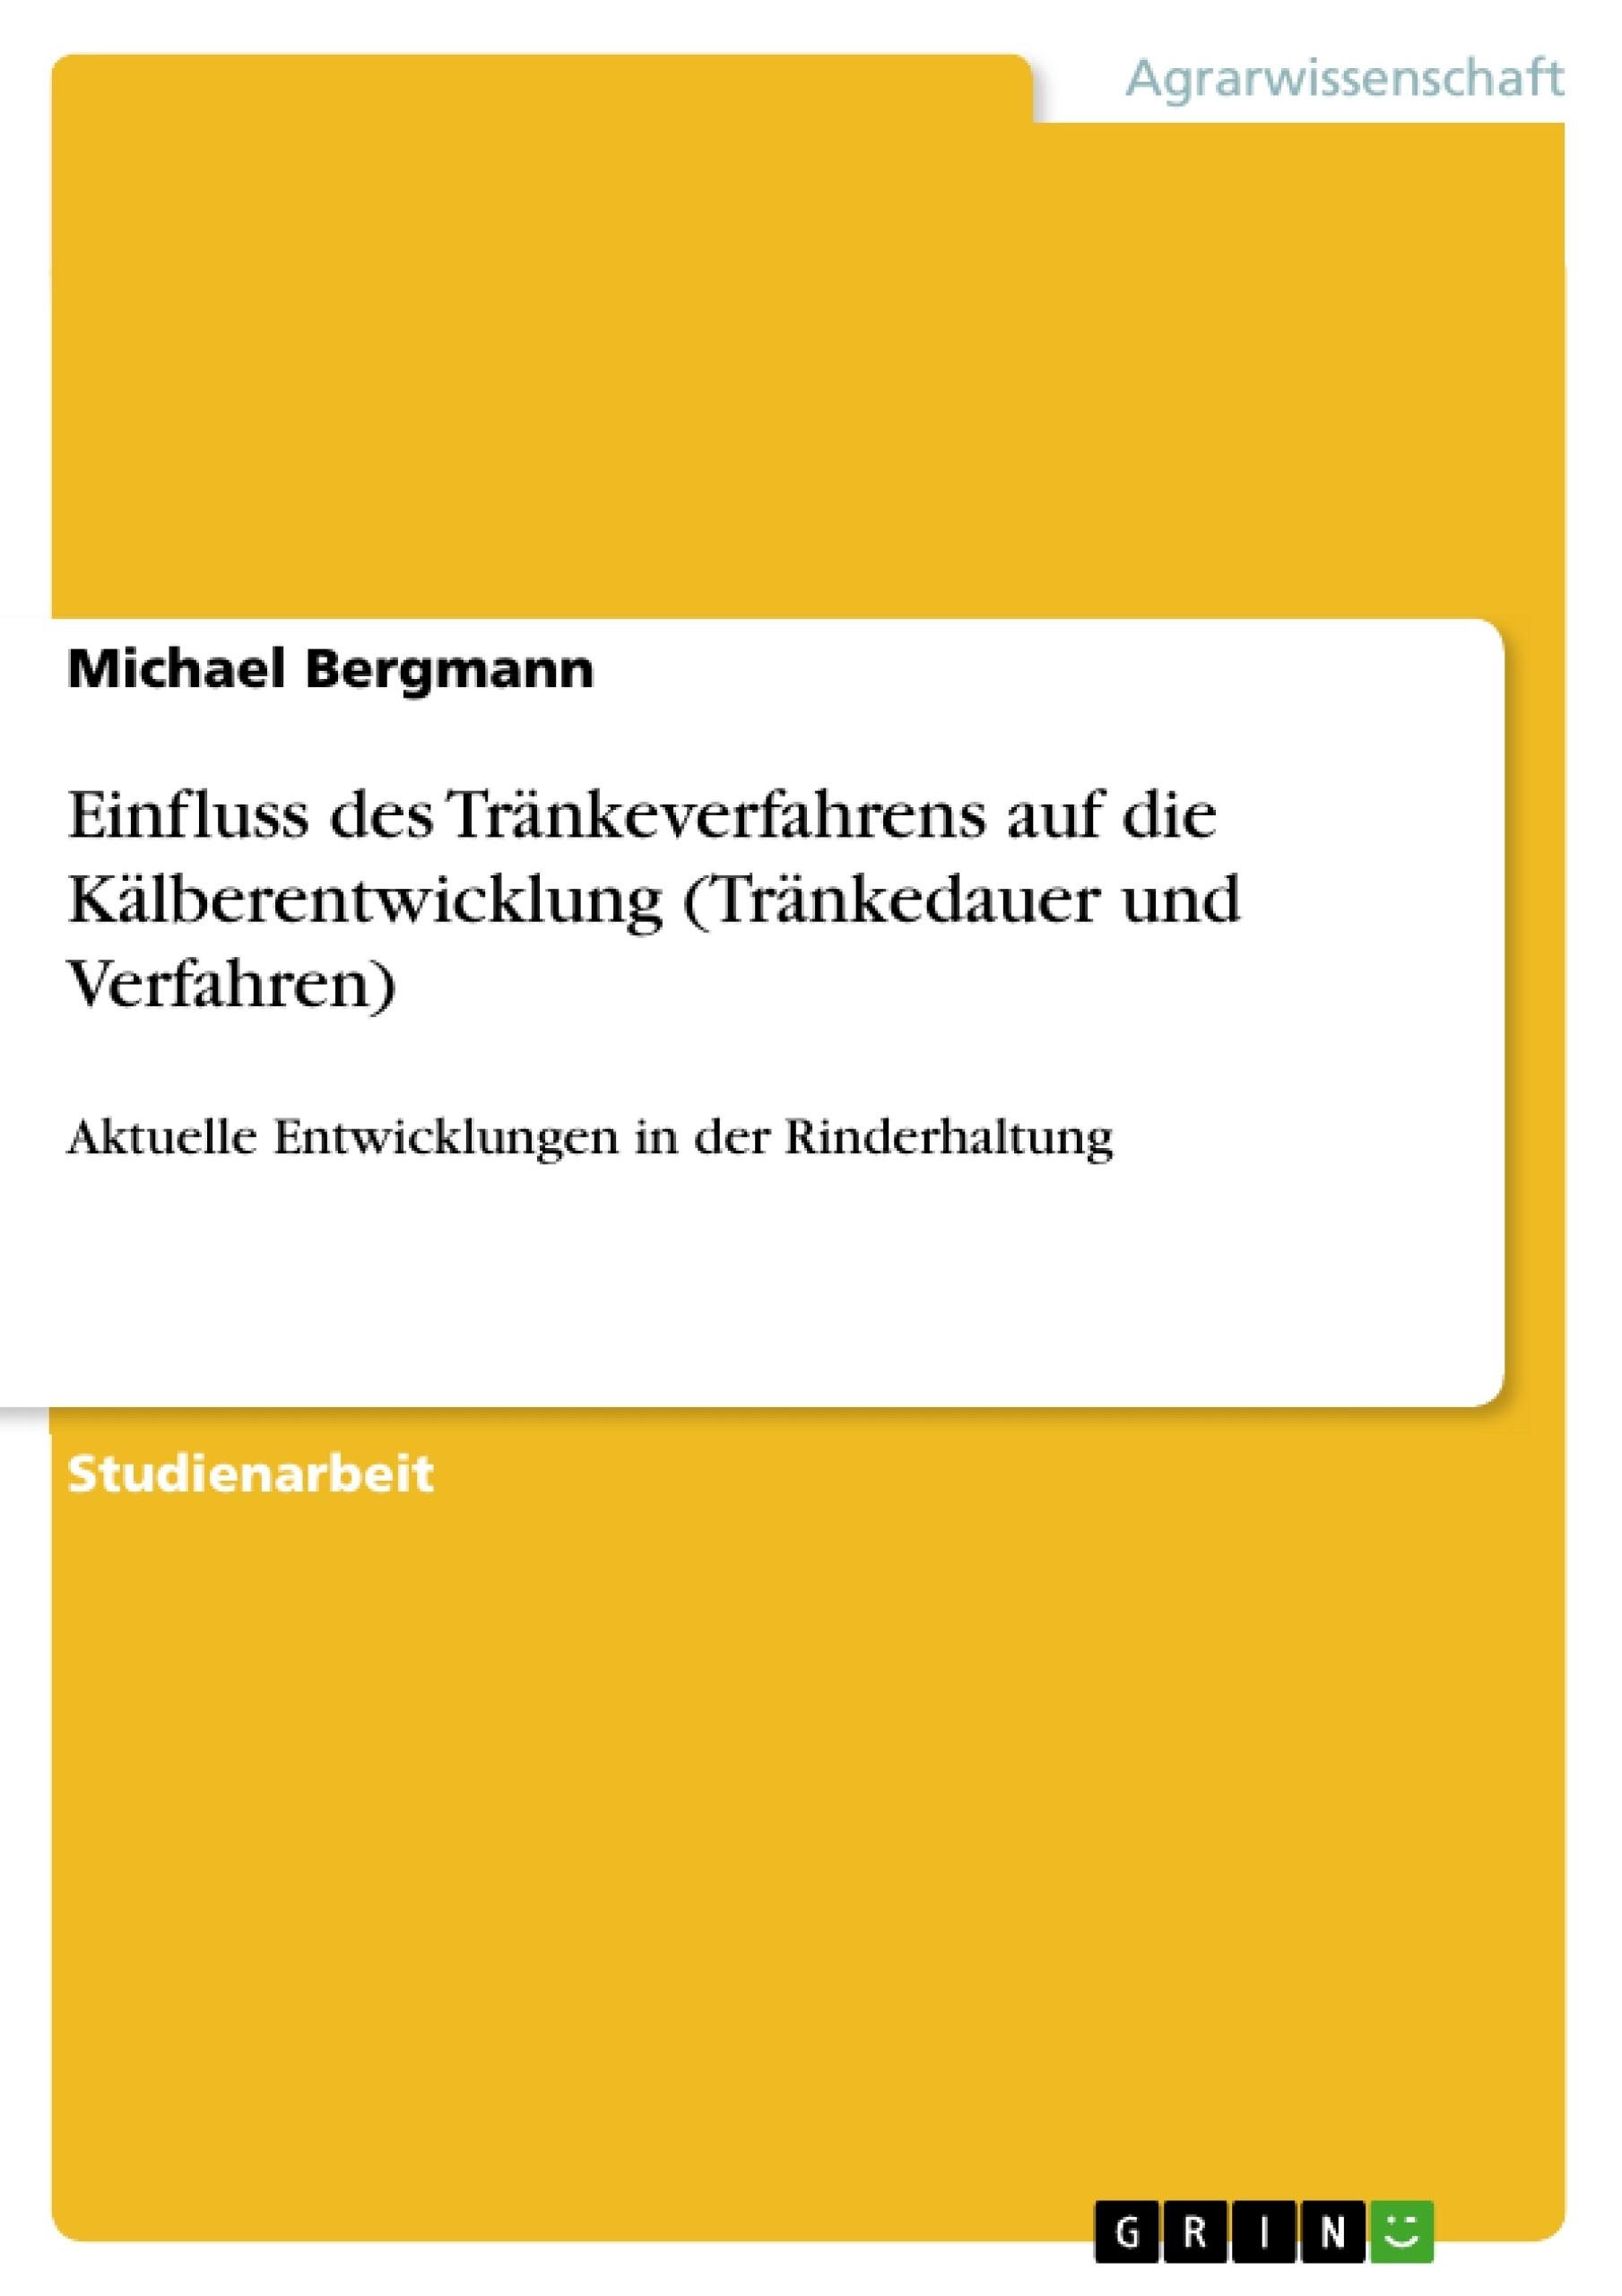 Titel: Einfluss des Tränkeverfahrens auf die Kälberentwicklung (Tränkedauer und Verfahren)